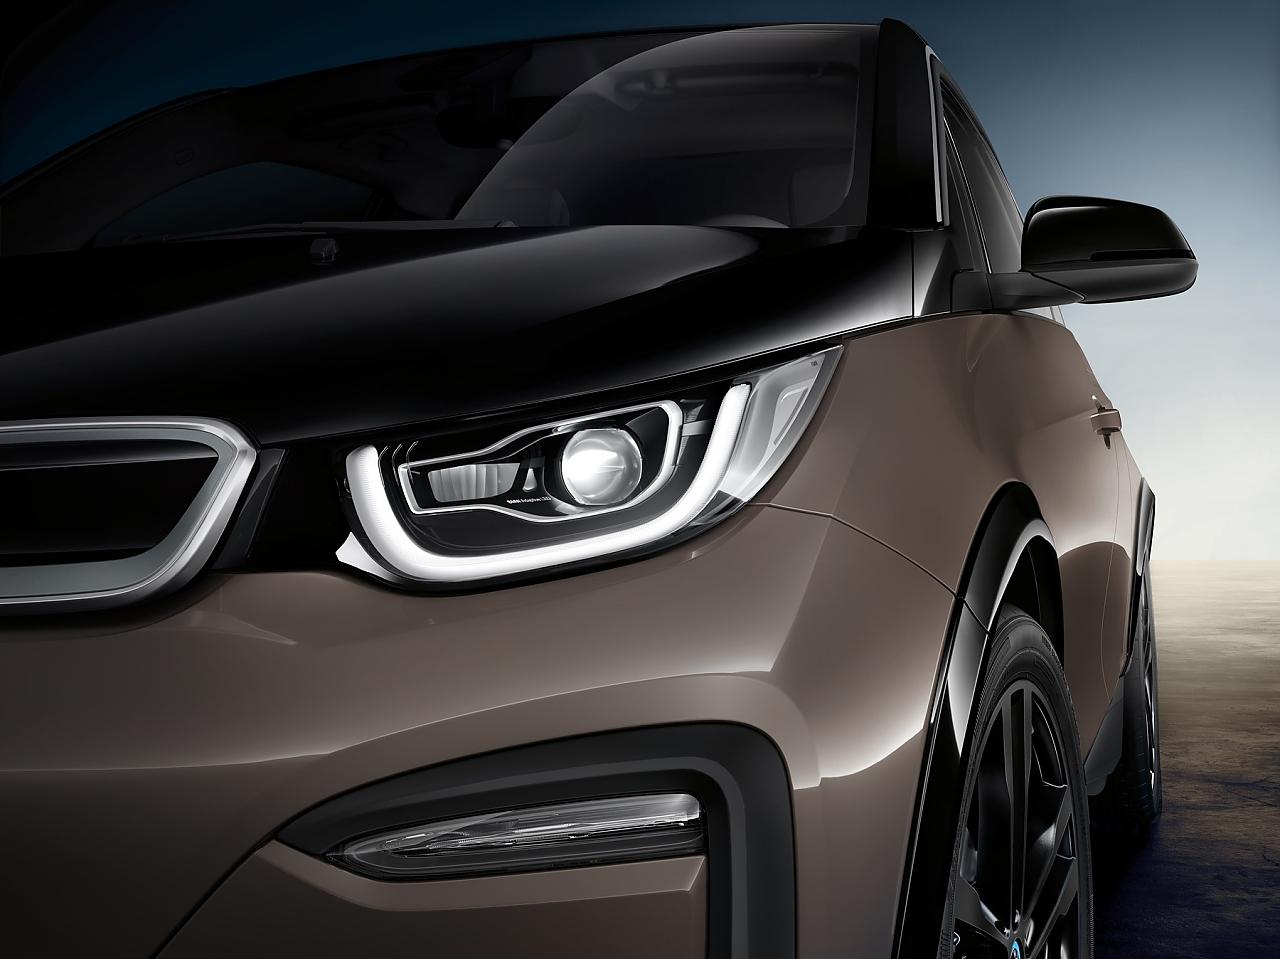 Für den BMW i3 müssen Kunden mindestens 38.000 Euro auf den Tisch legen.